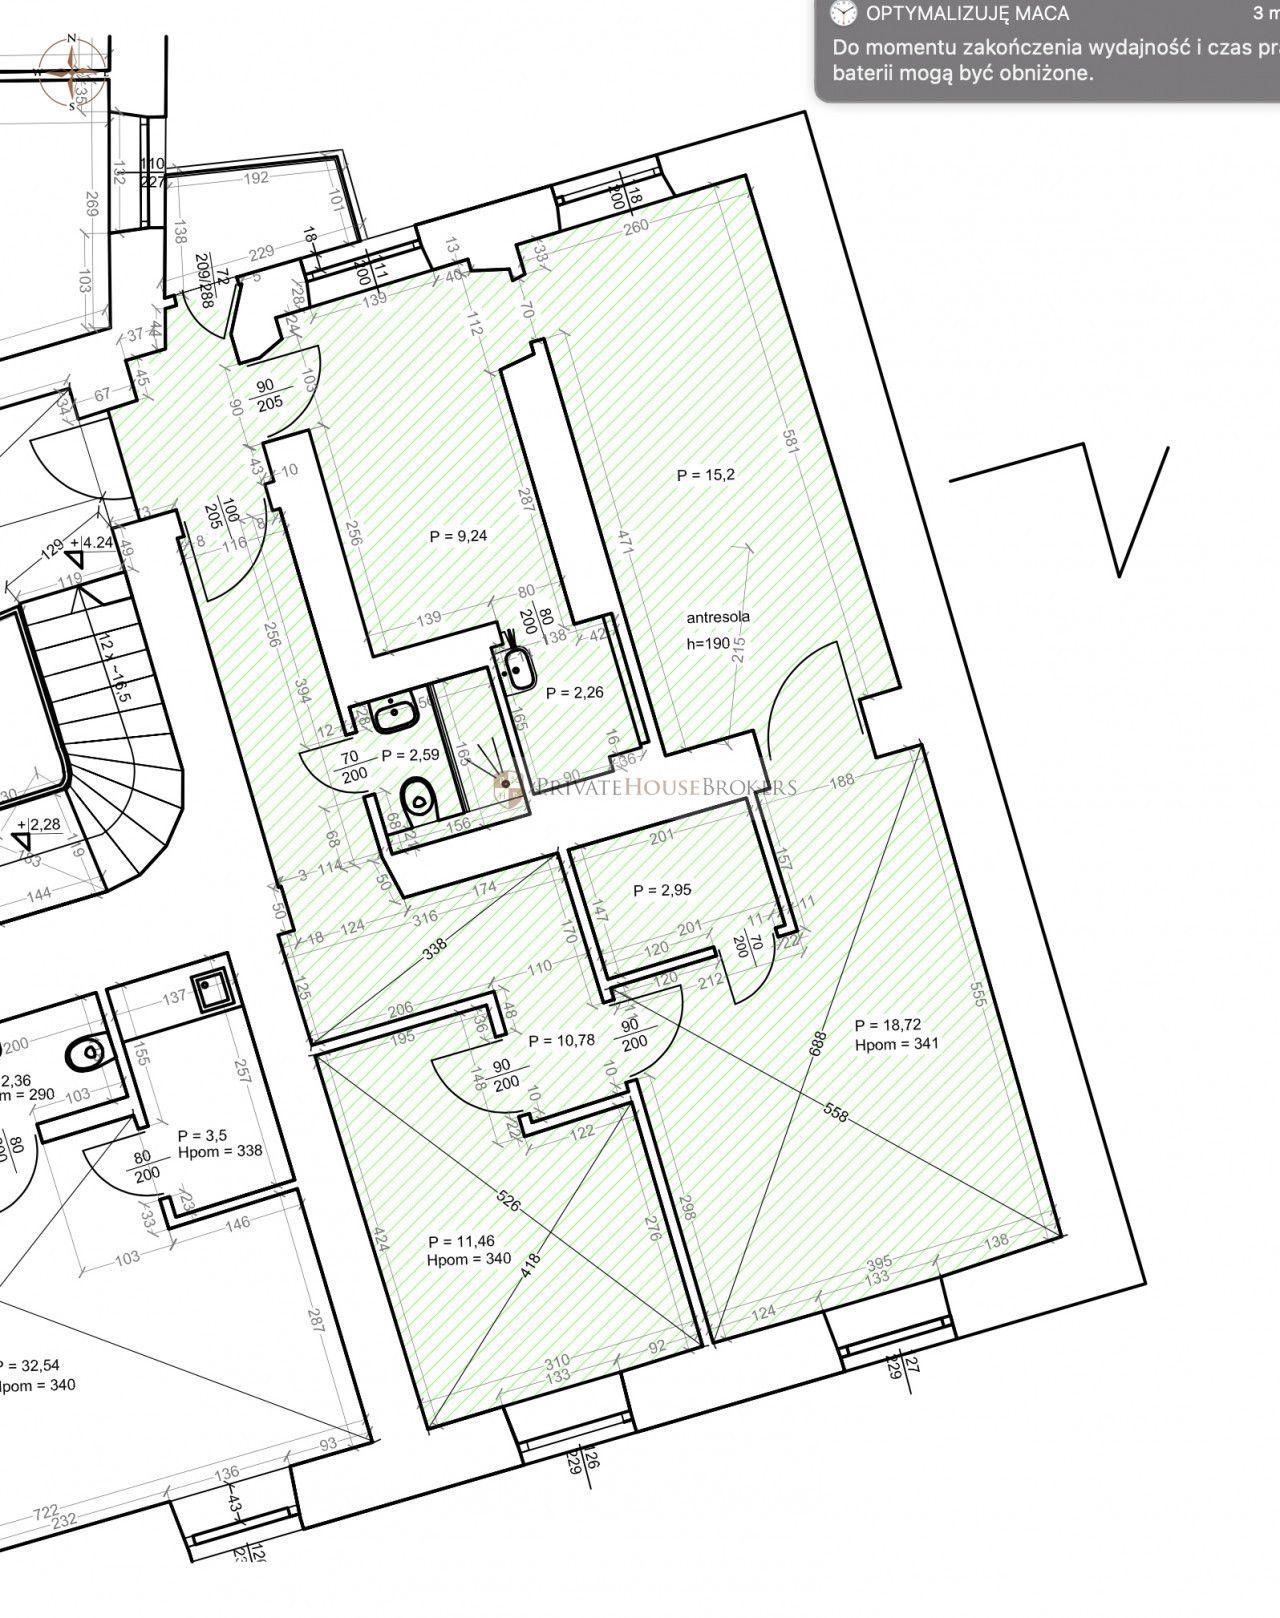 Lokal biurowy Rakowicka 75 mkw wysoki standard